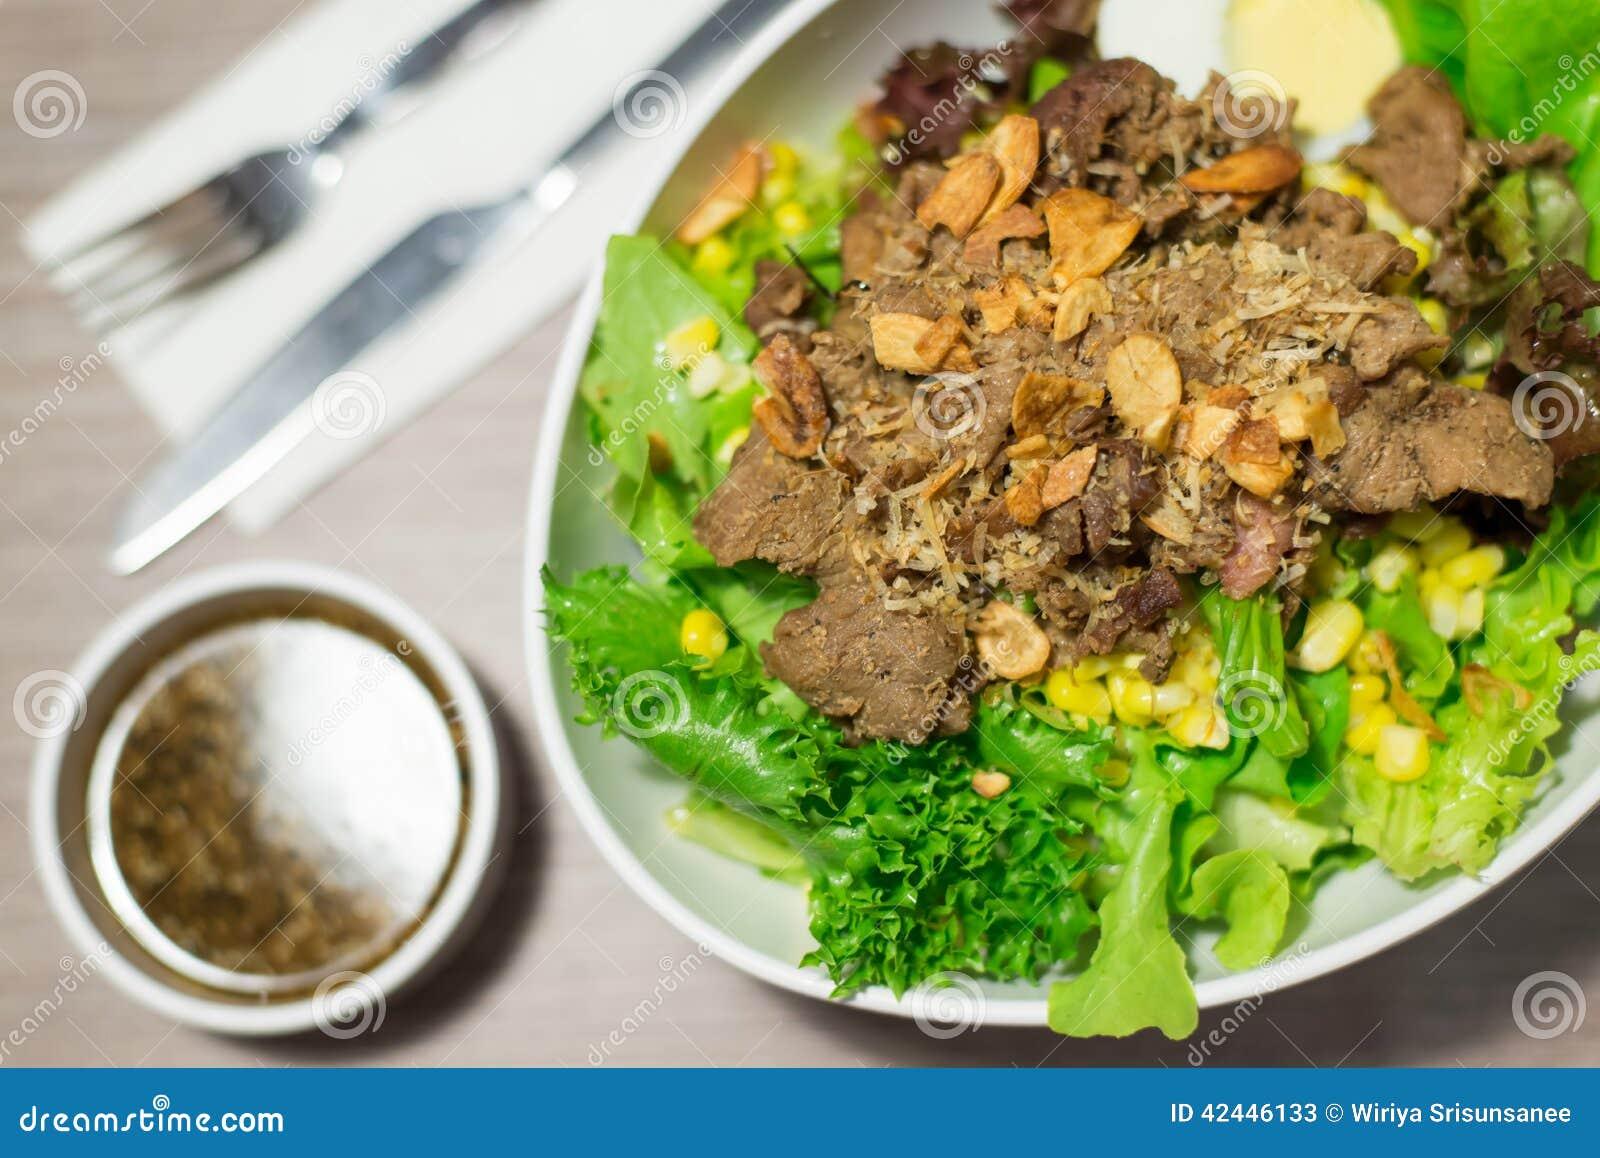 Ensalada de las verduras con carne de vaca cortada